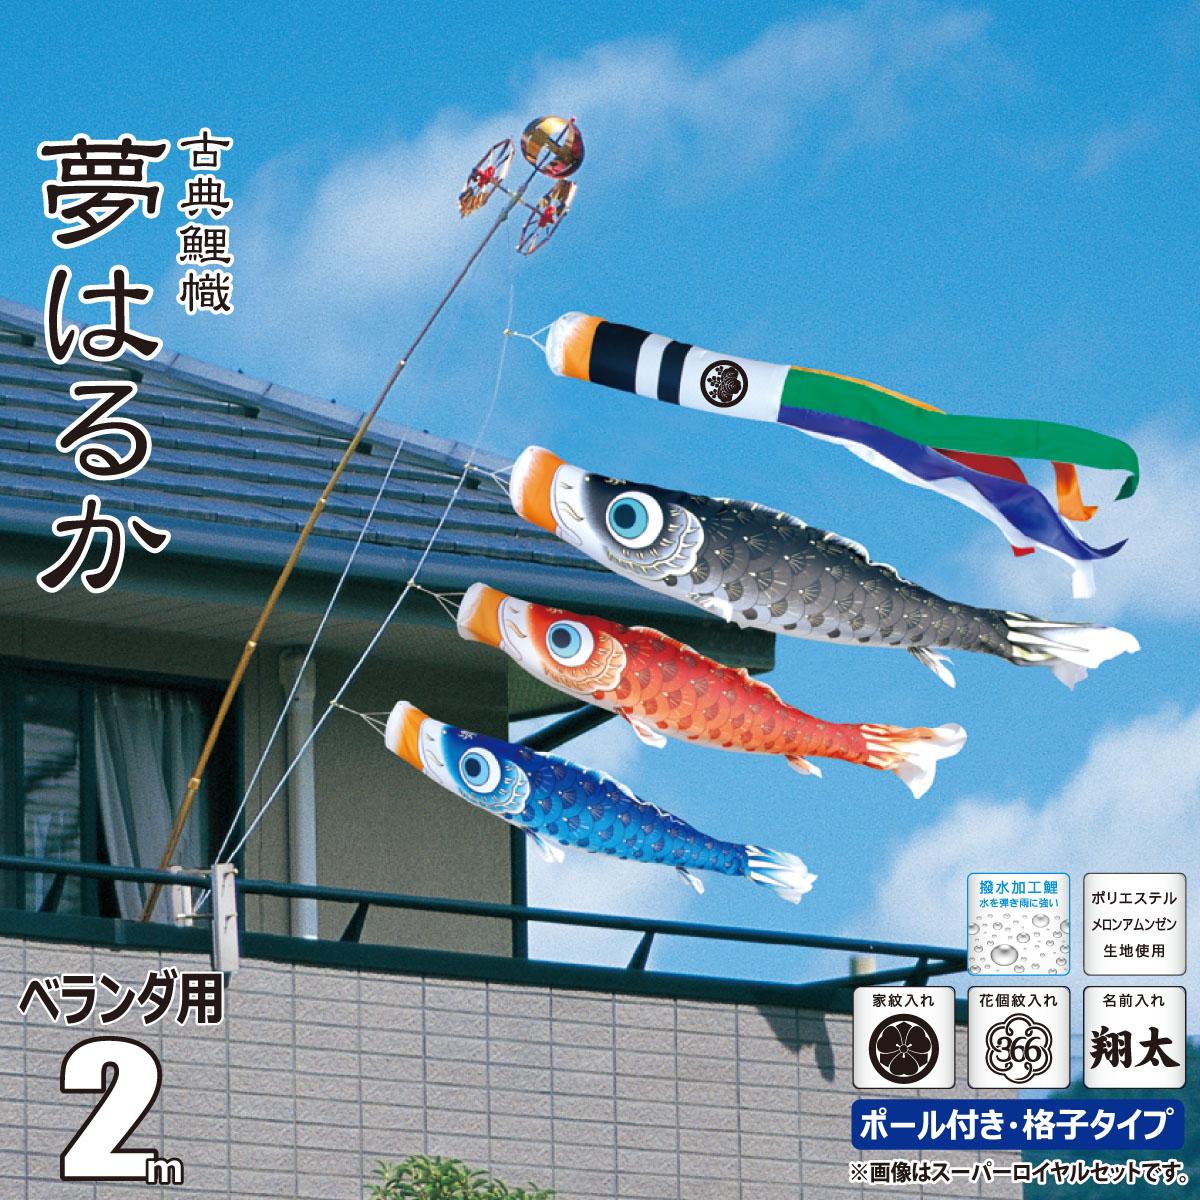 こいのぼり 2m 夢はるか (矢車、ロープ、吹流し、鯉3匹) ベランダ用 ロイヤルセット (ベランダ用 取付金具付き) 徳永鯉のぼり KIT-120-240